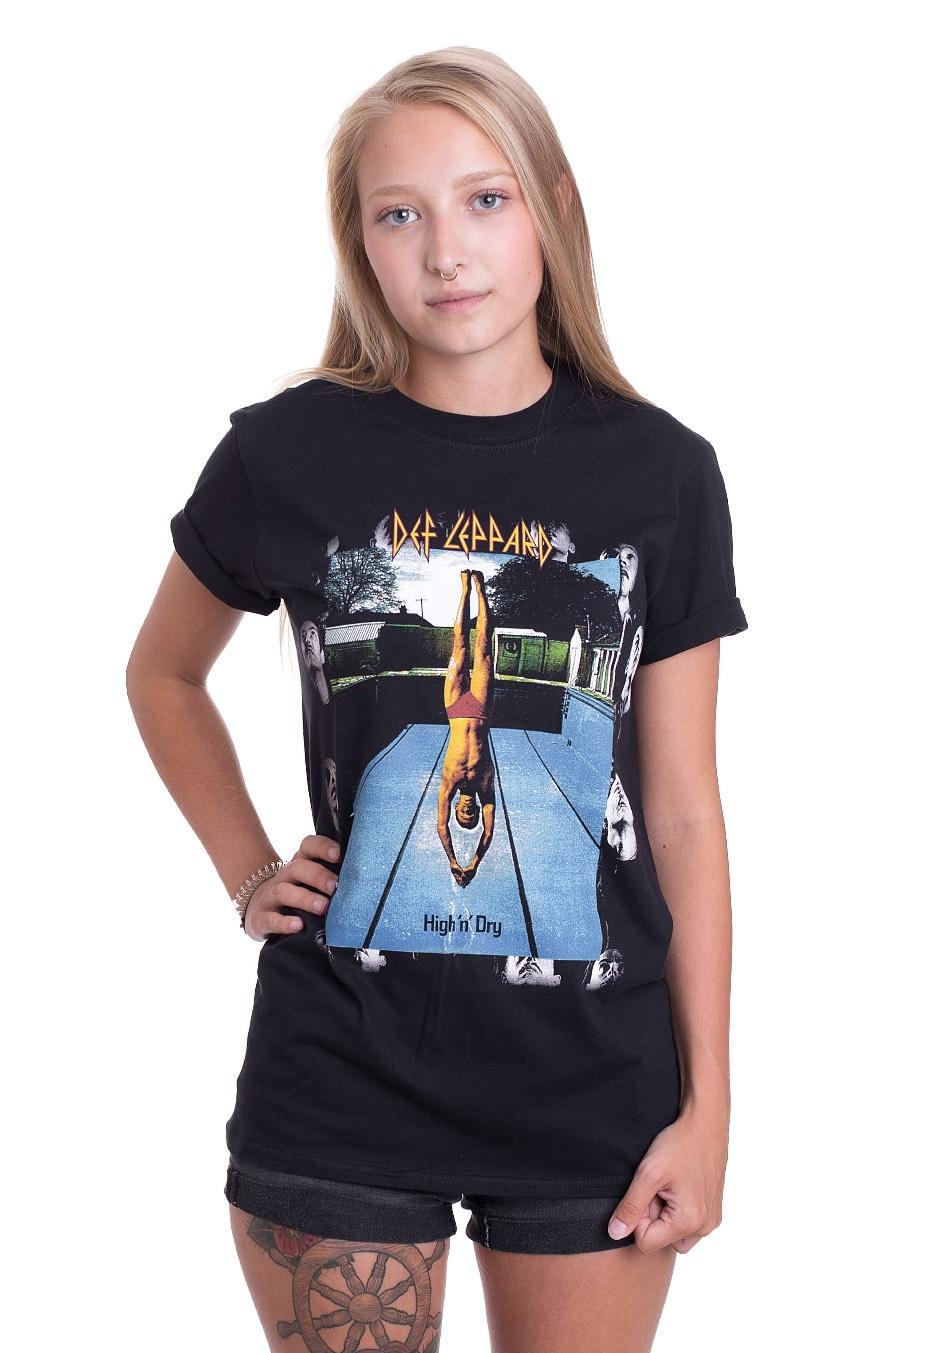 c9c23ed2 Def Leppard - Official Merchandise Shop - Impericon.com UK